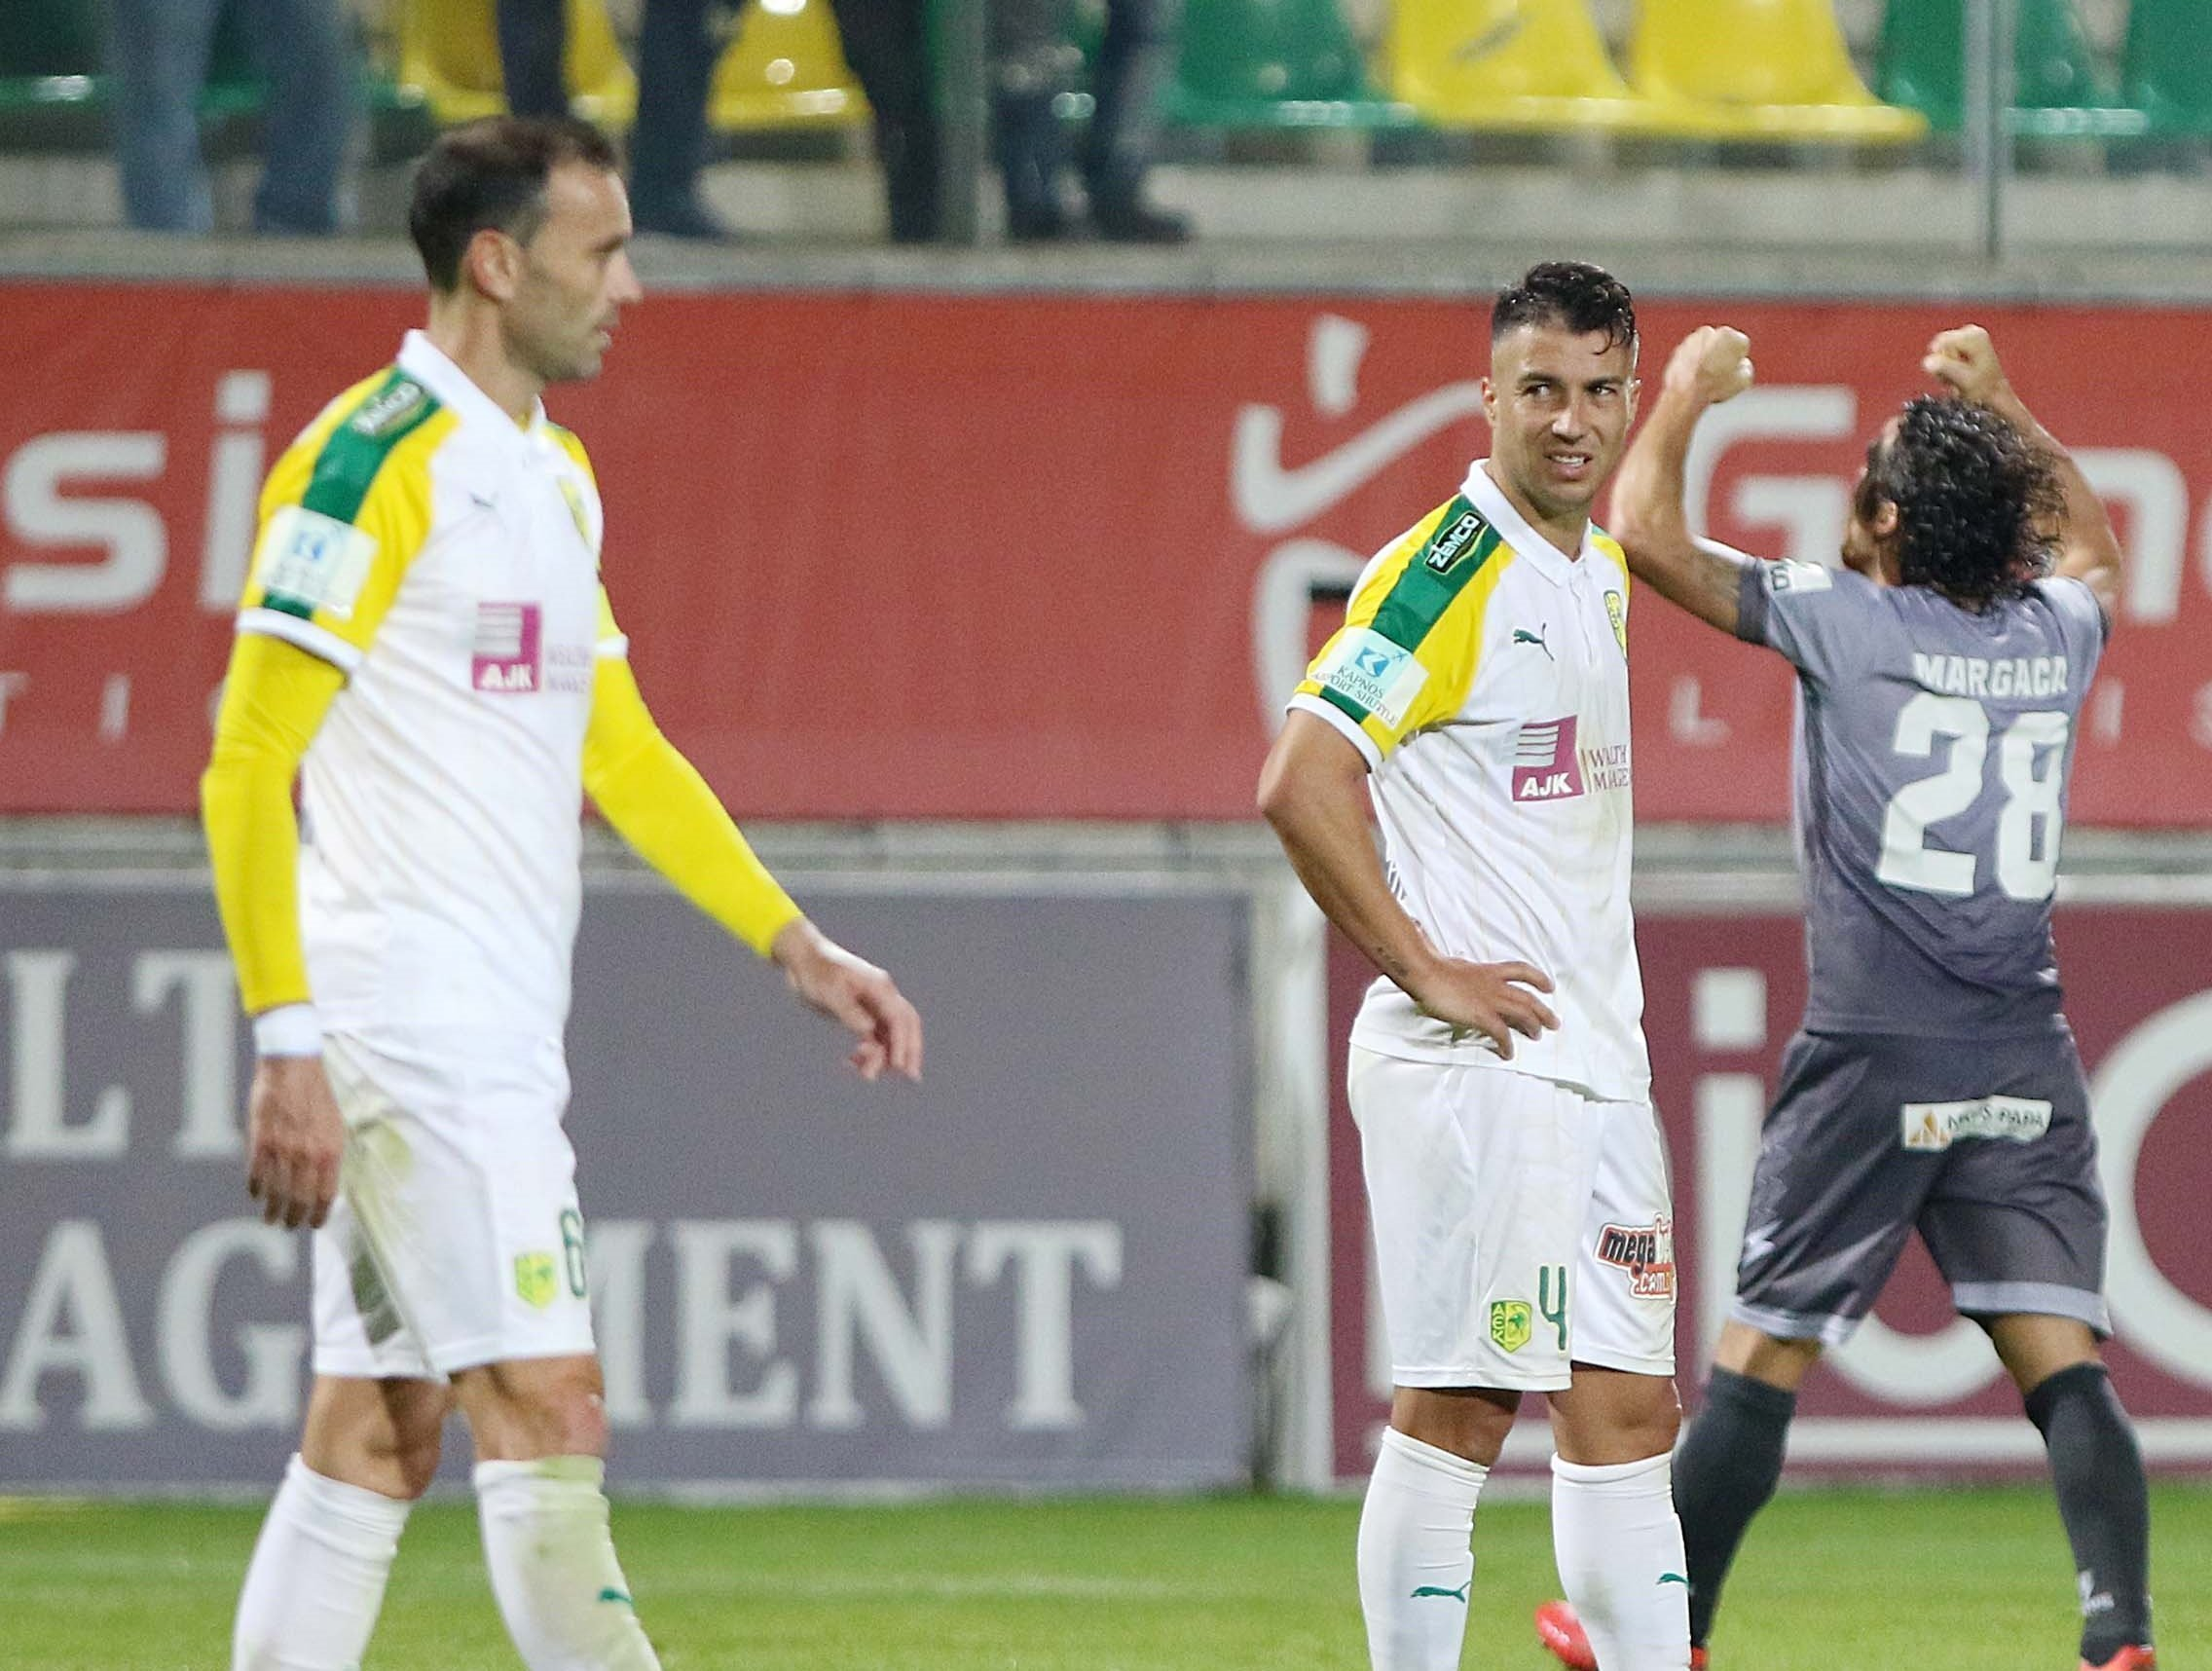 Τέταρτο συνεχόμενο παιχνίδι χωρίς νίκη στην ΑΕΚ. Αυτή είναι η ουσία του  παιχνιδιού κόντρα στη Νέα Σαλαμίνα. Οι «κιτρινοπράσινοι» δεν κατάφεραν να  ... f0d918706cc